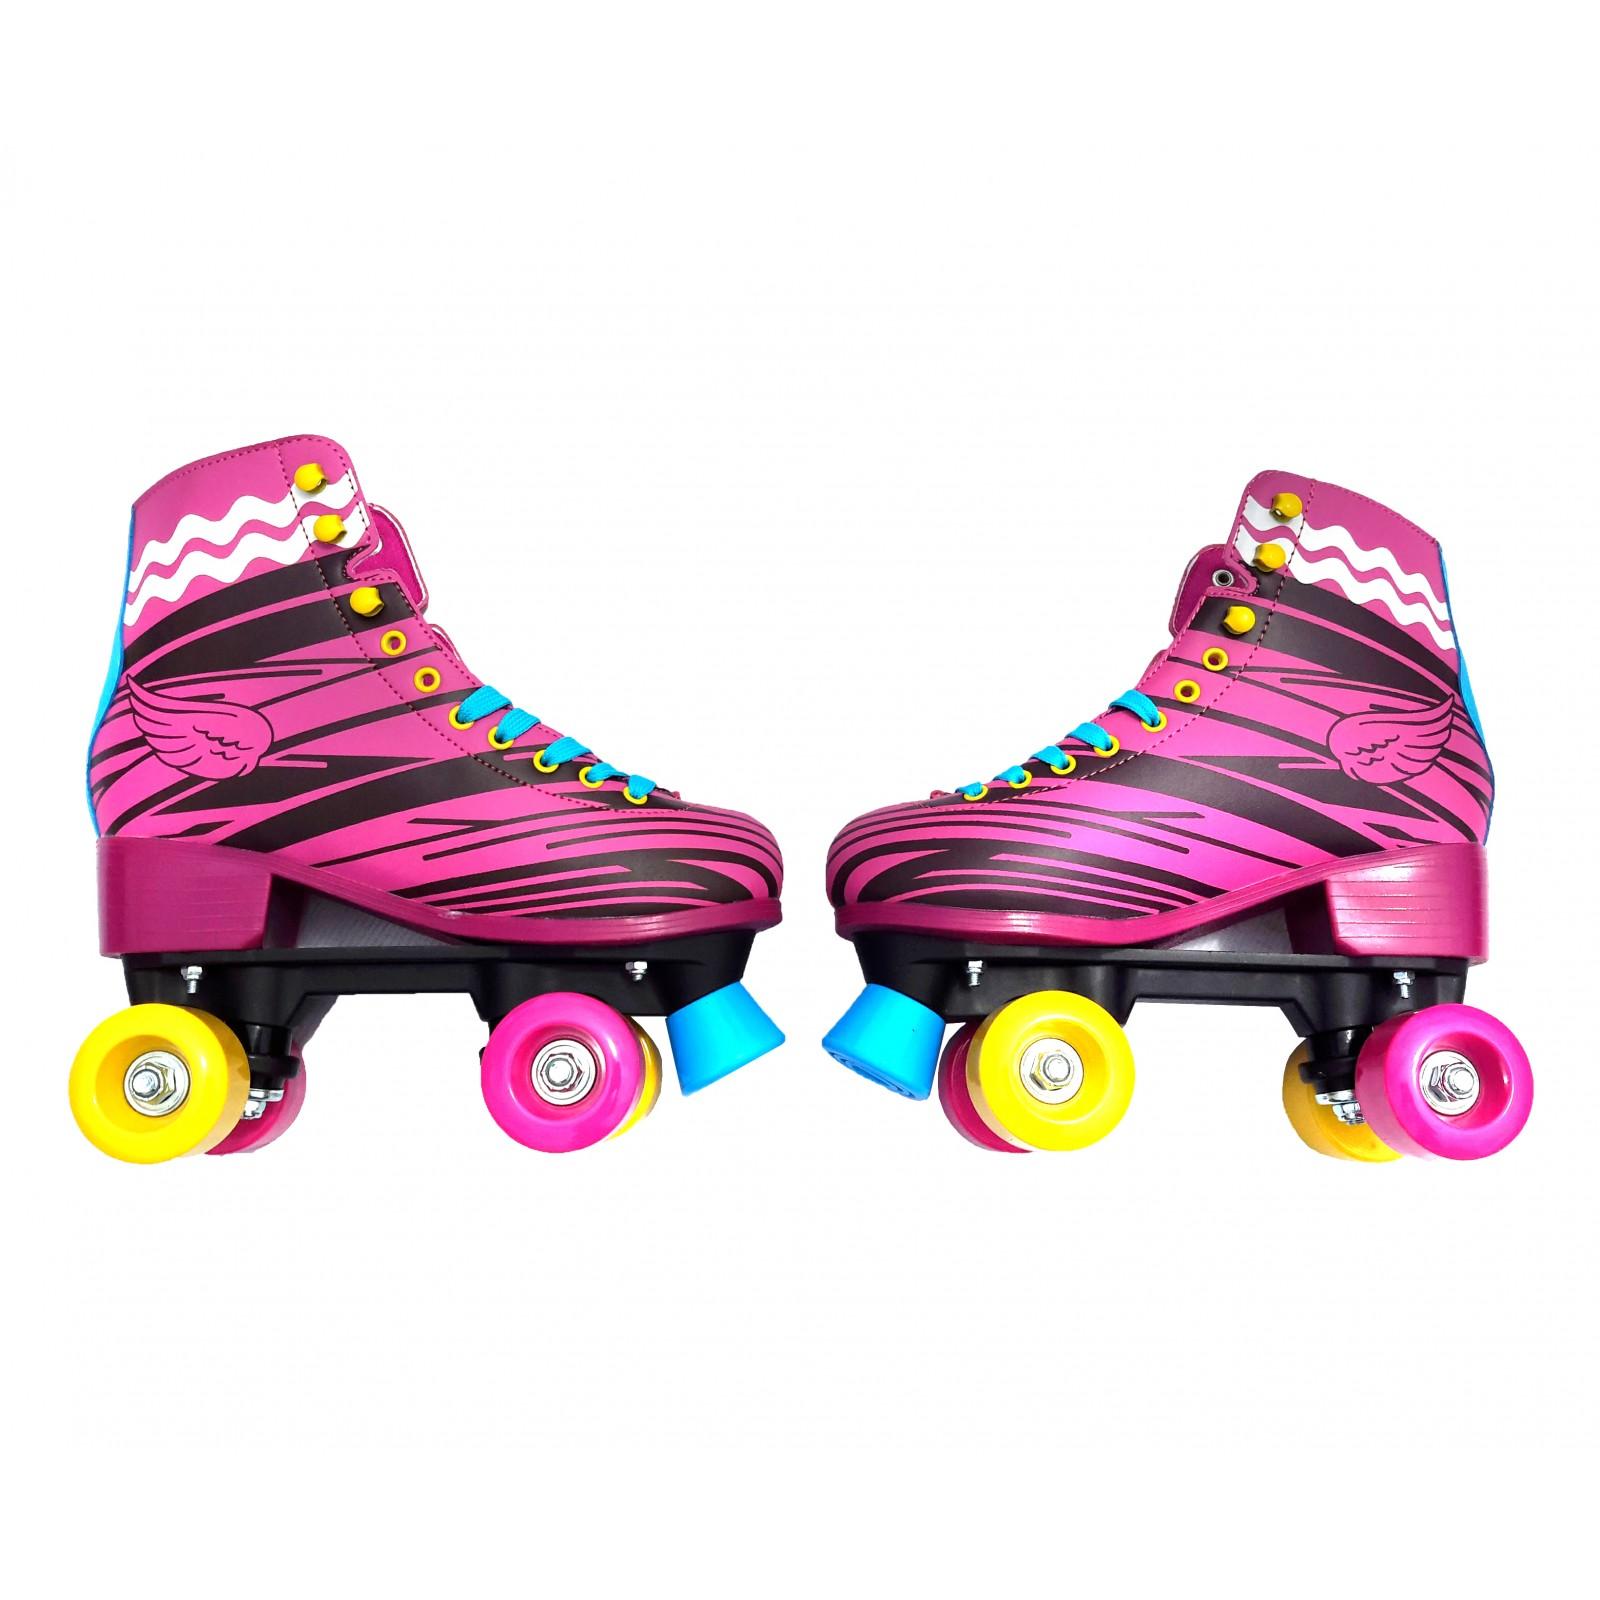 Patines Artisticos Bota 4 Llantas Quad Skate Tacon Rosados freno